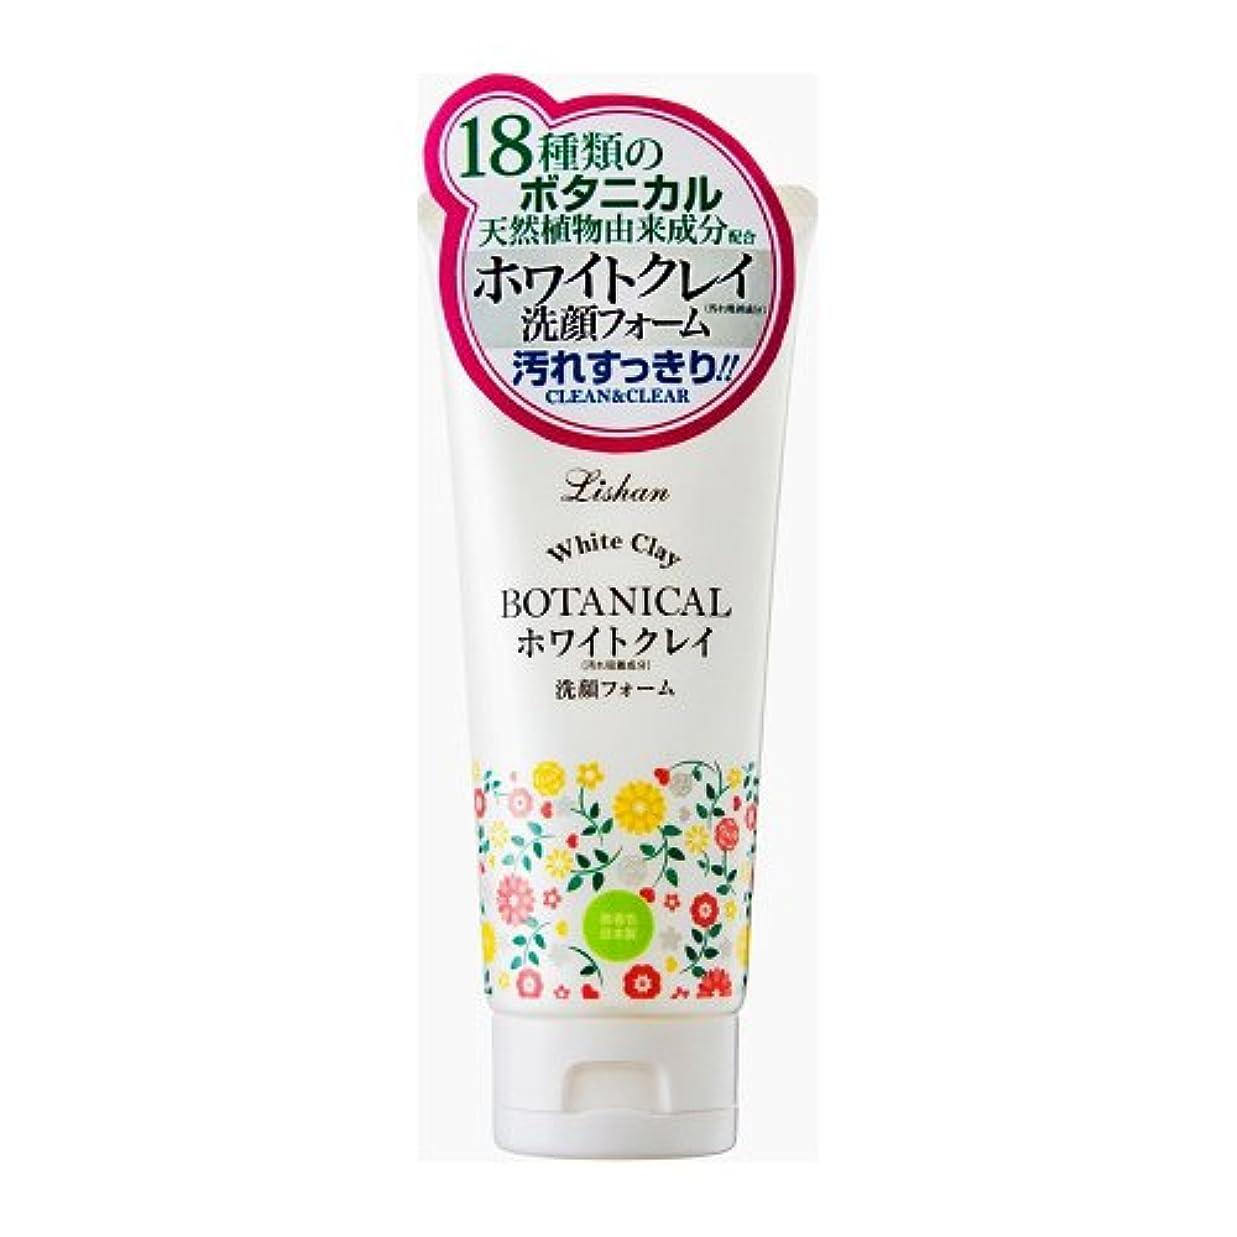 鉄道遊具チャップリシャン ホワイトクレイ洗顔フォーム (フレッシュハーブの香り) (130g)